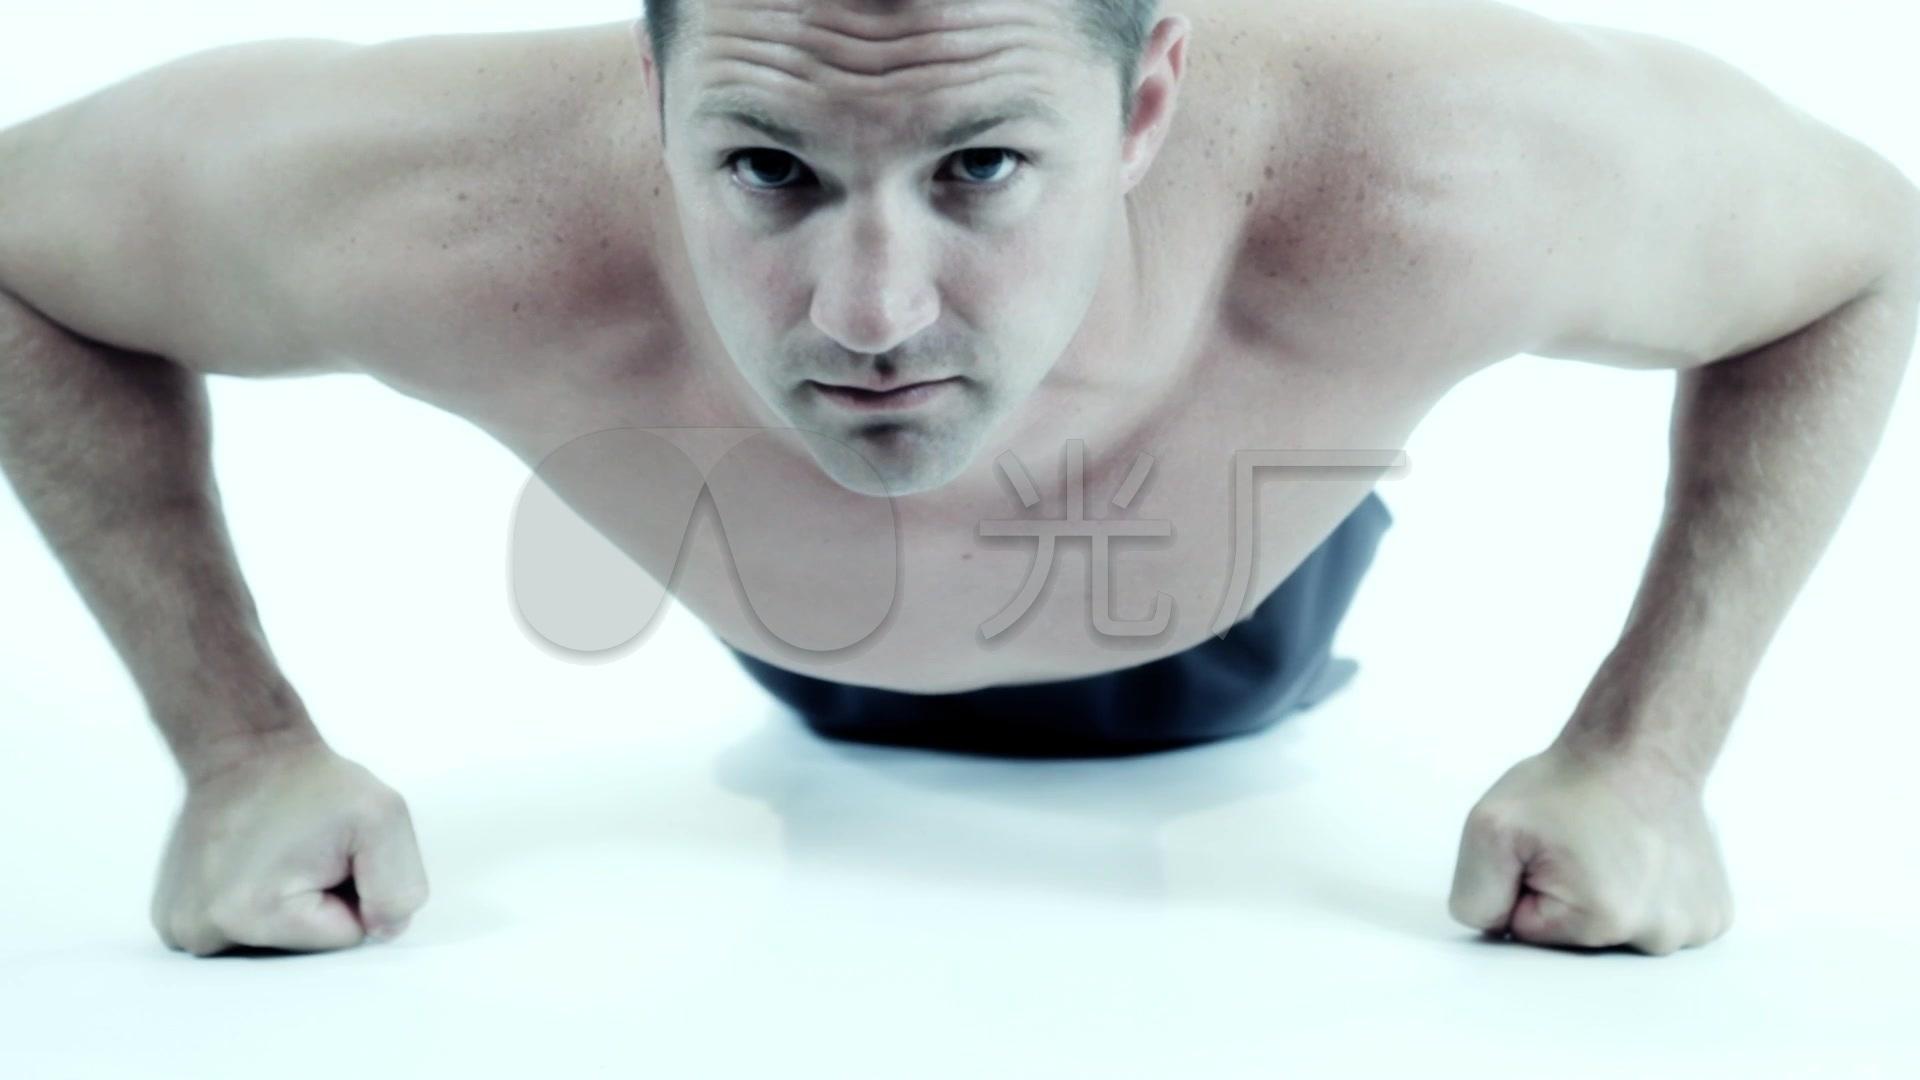 男子做俯卧撑v男子锻炼_1920X1080_视频高清甩视频子虾图片